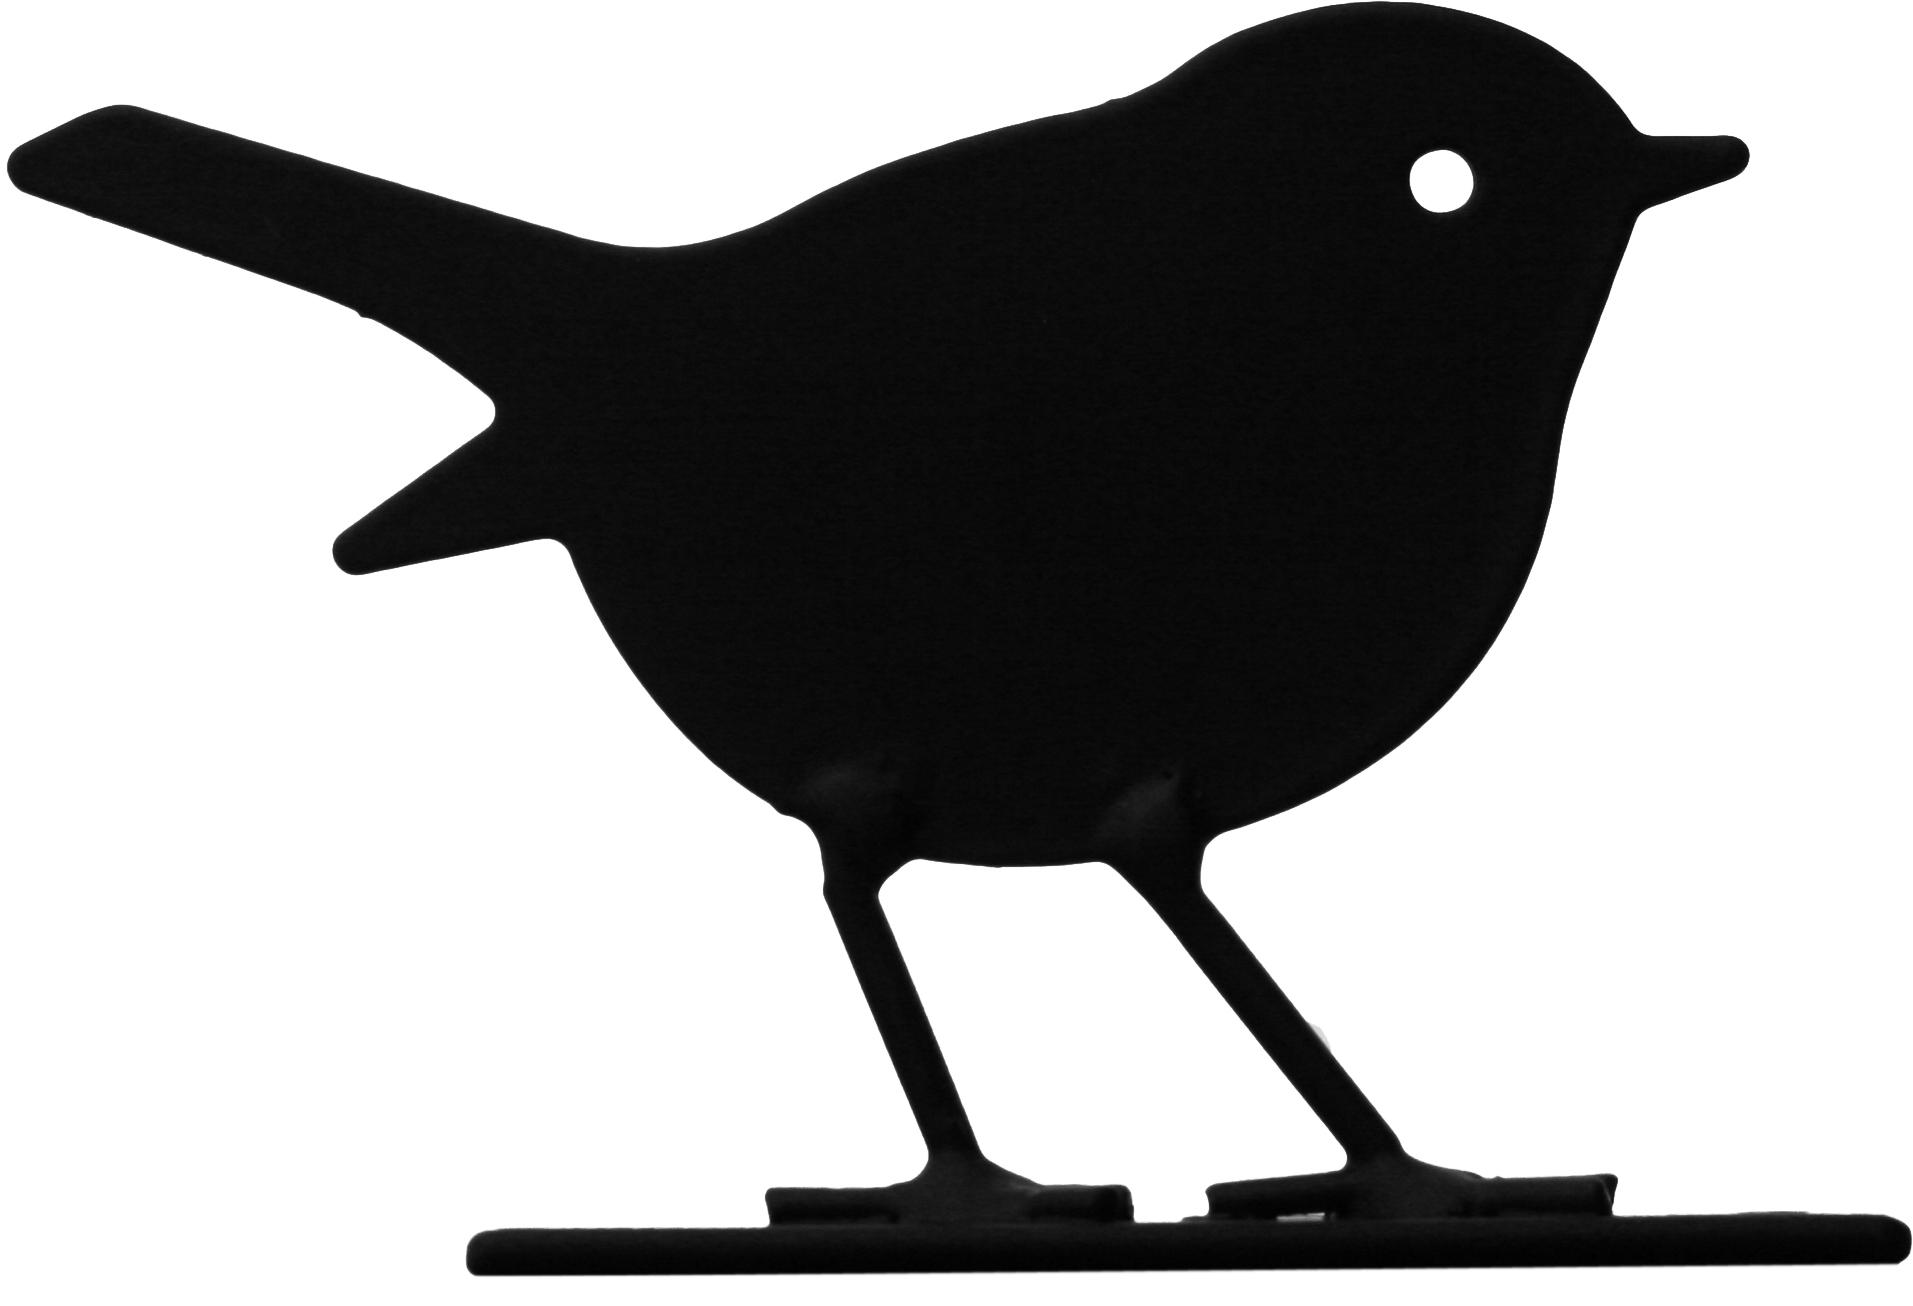 silhouette rotkehlchen vogel und naturschutzprodukte einfach online kaufen. Black Bedroom Furniture Sets. Home Design Ideas